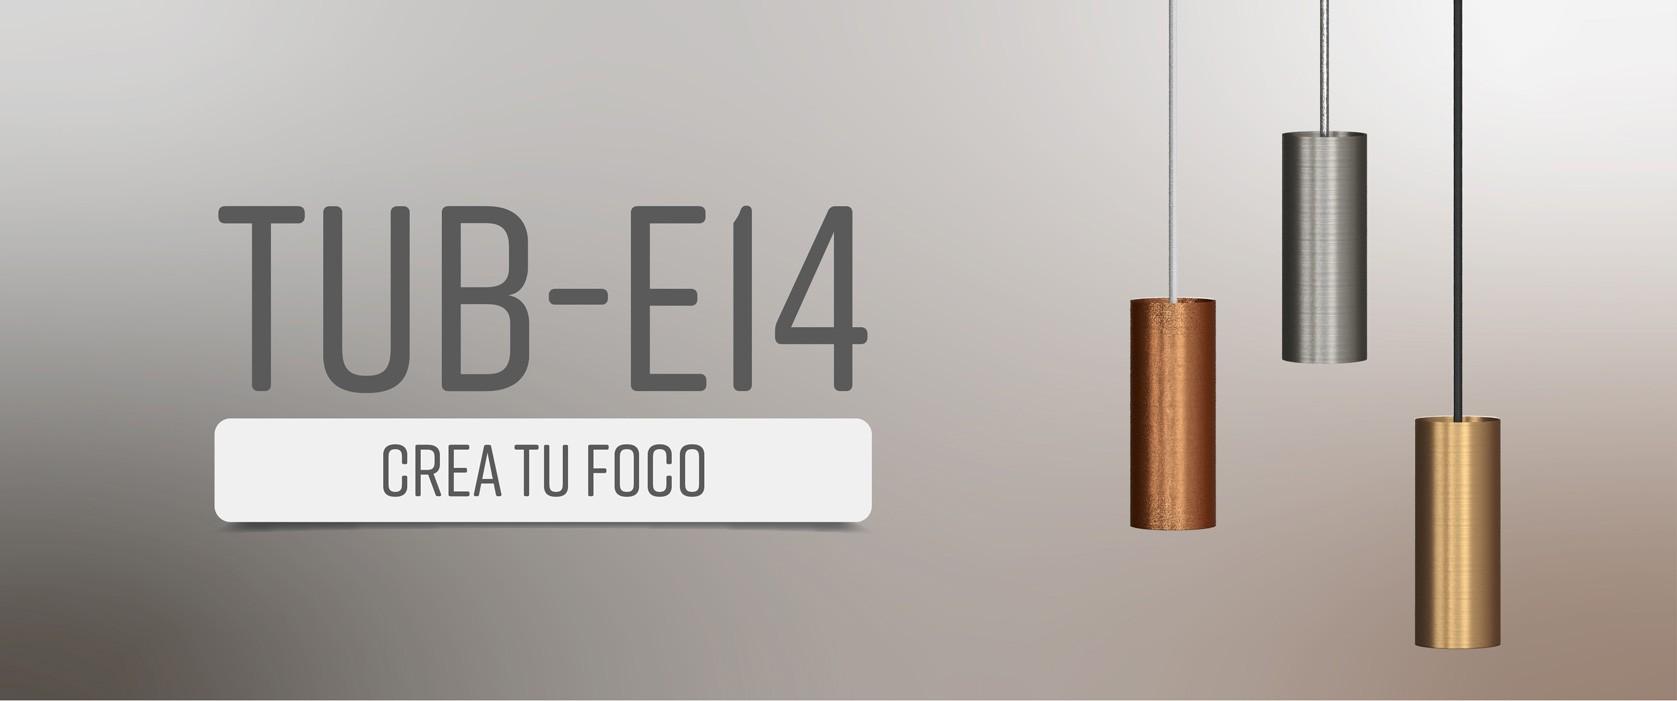 Tube-E14